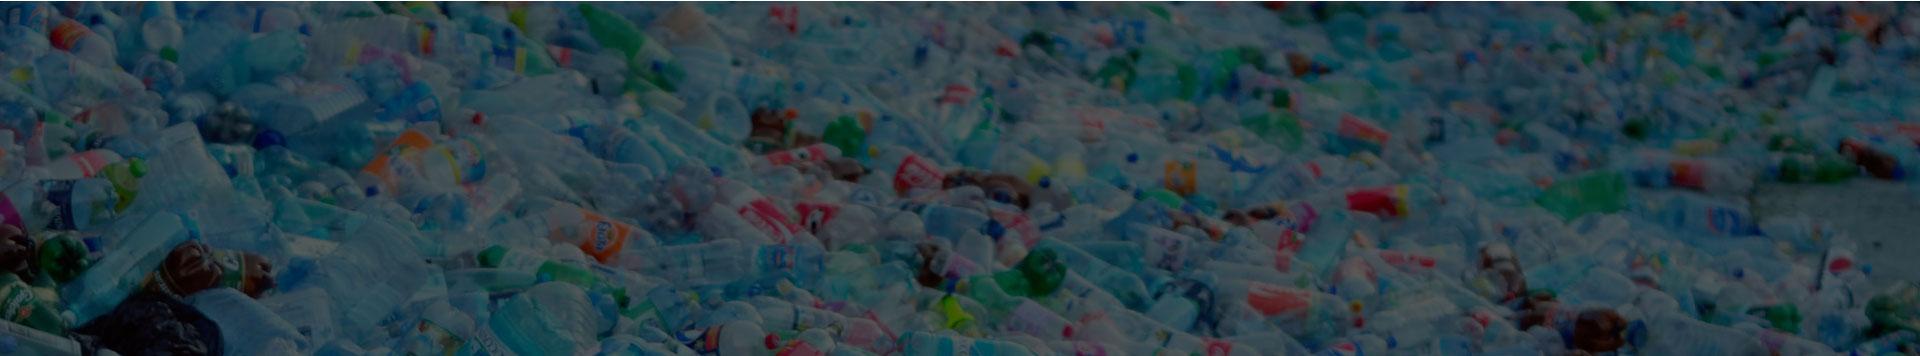 Turnover Recycling Rystems - Mini compactadores de residuos - Prensas compactadoras